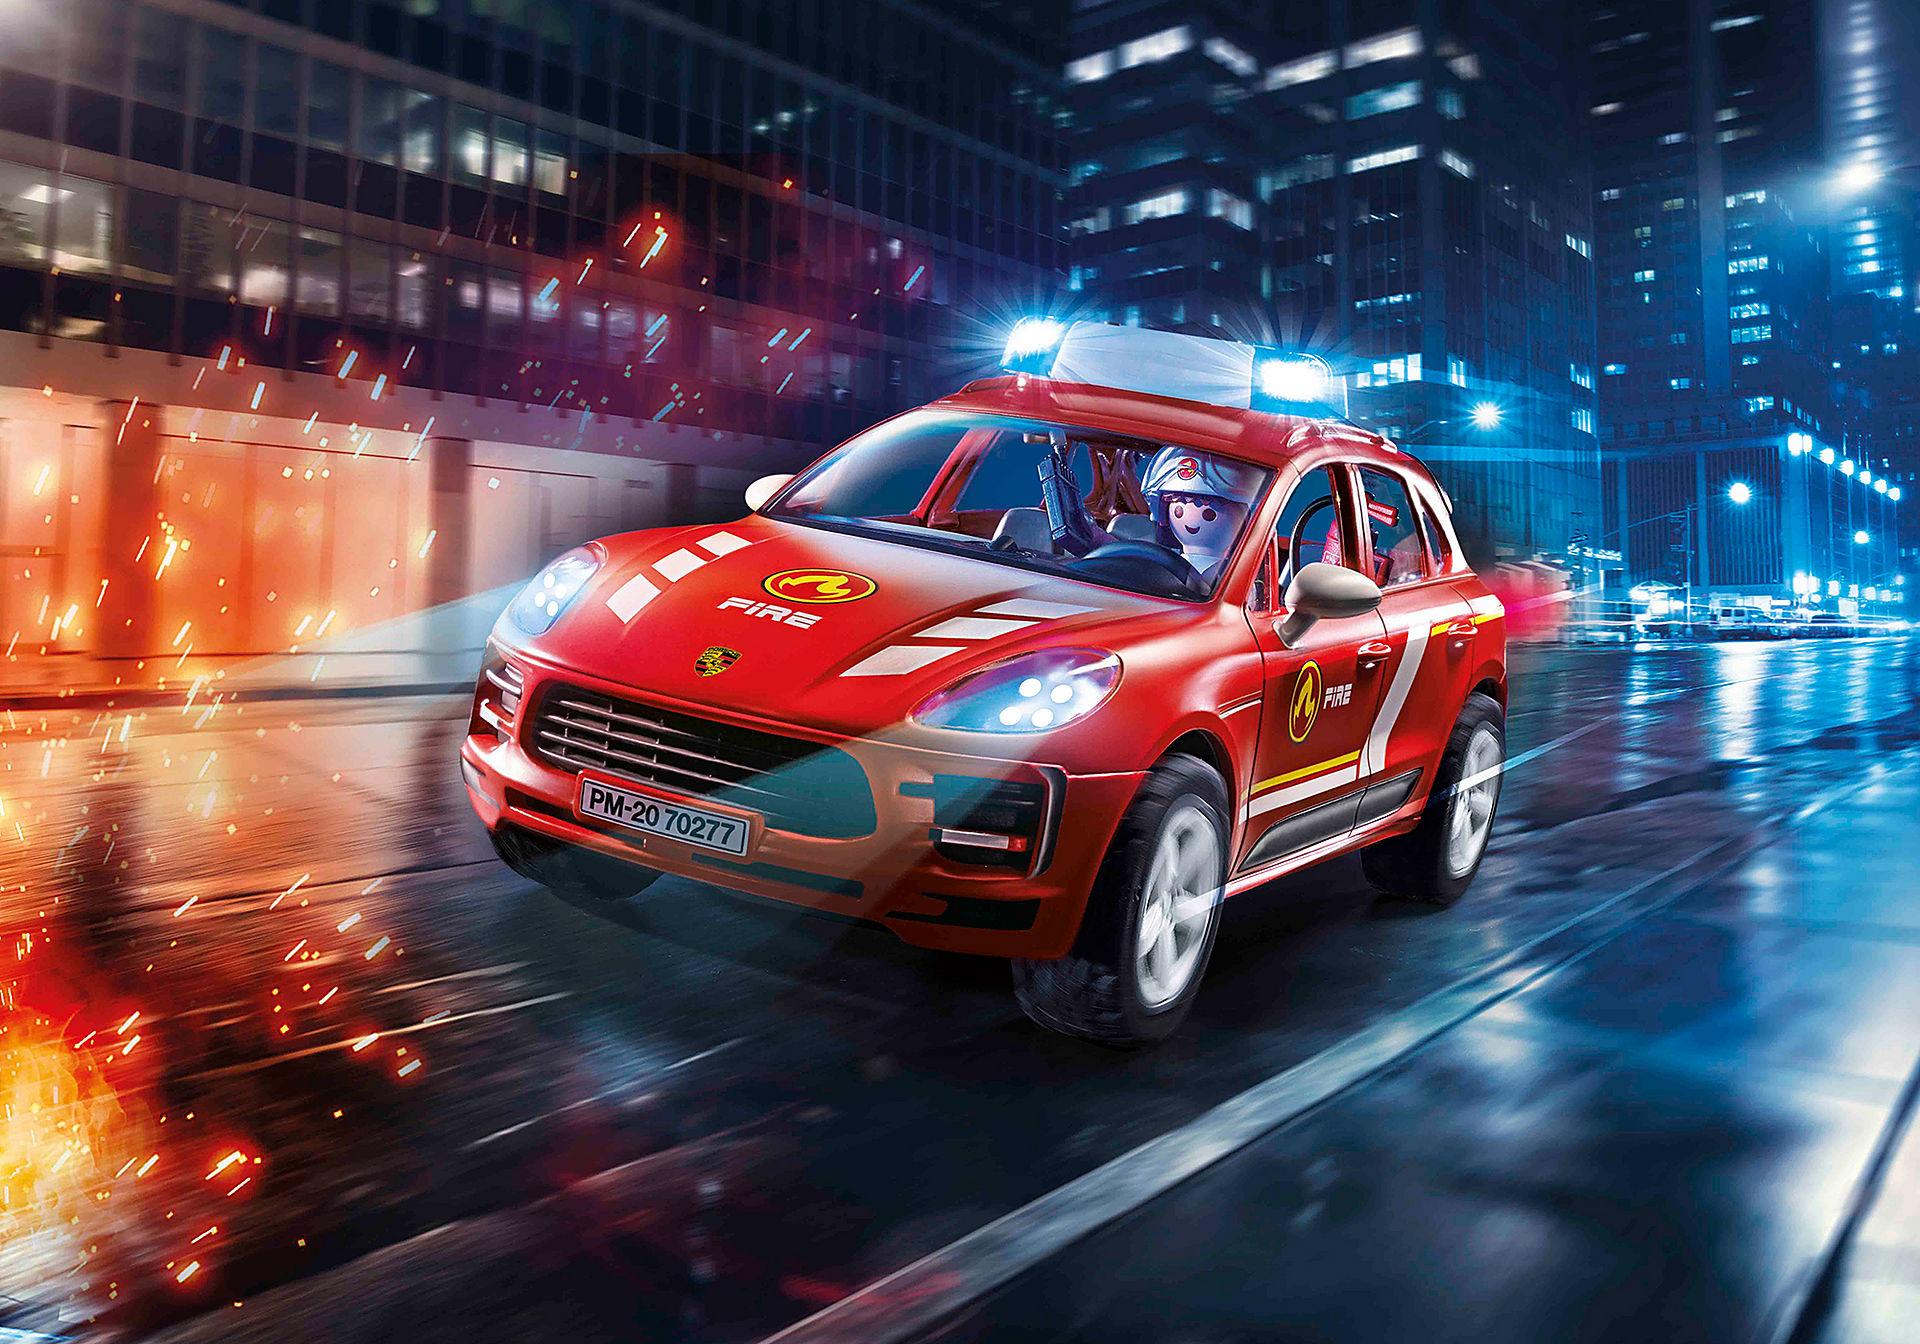 70277 Porsche Macan S Fire Brigade zoom image1